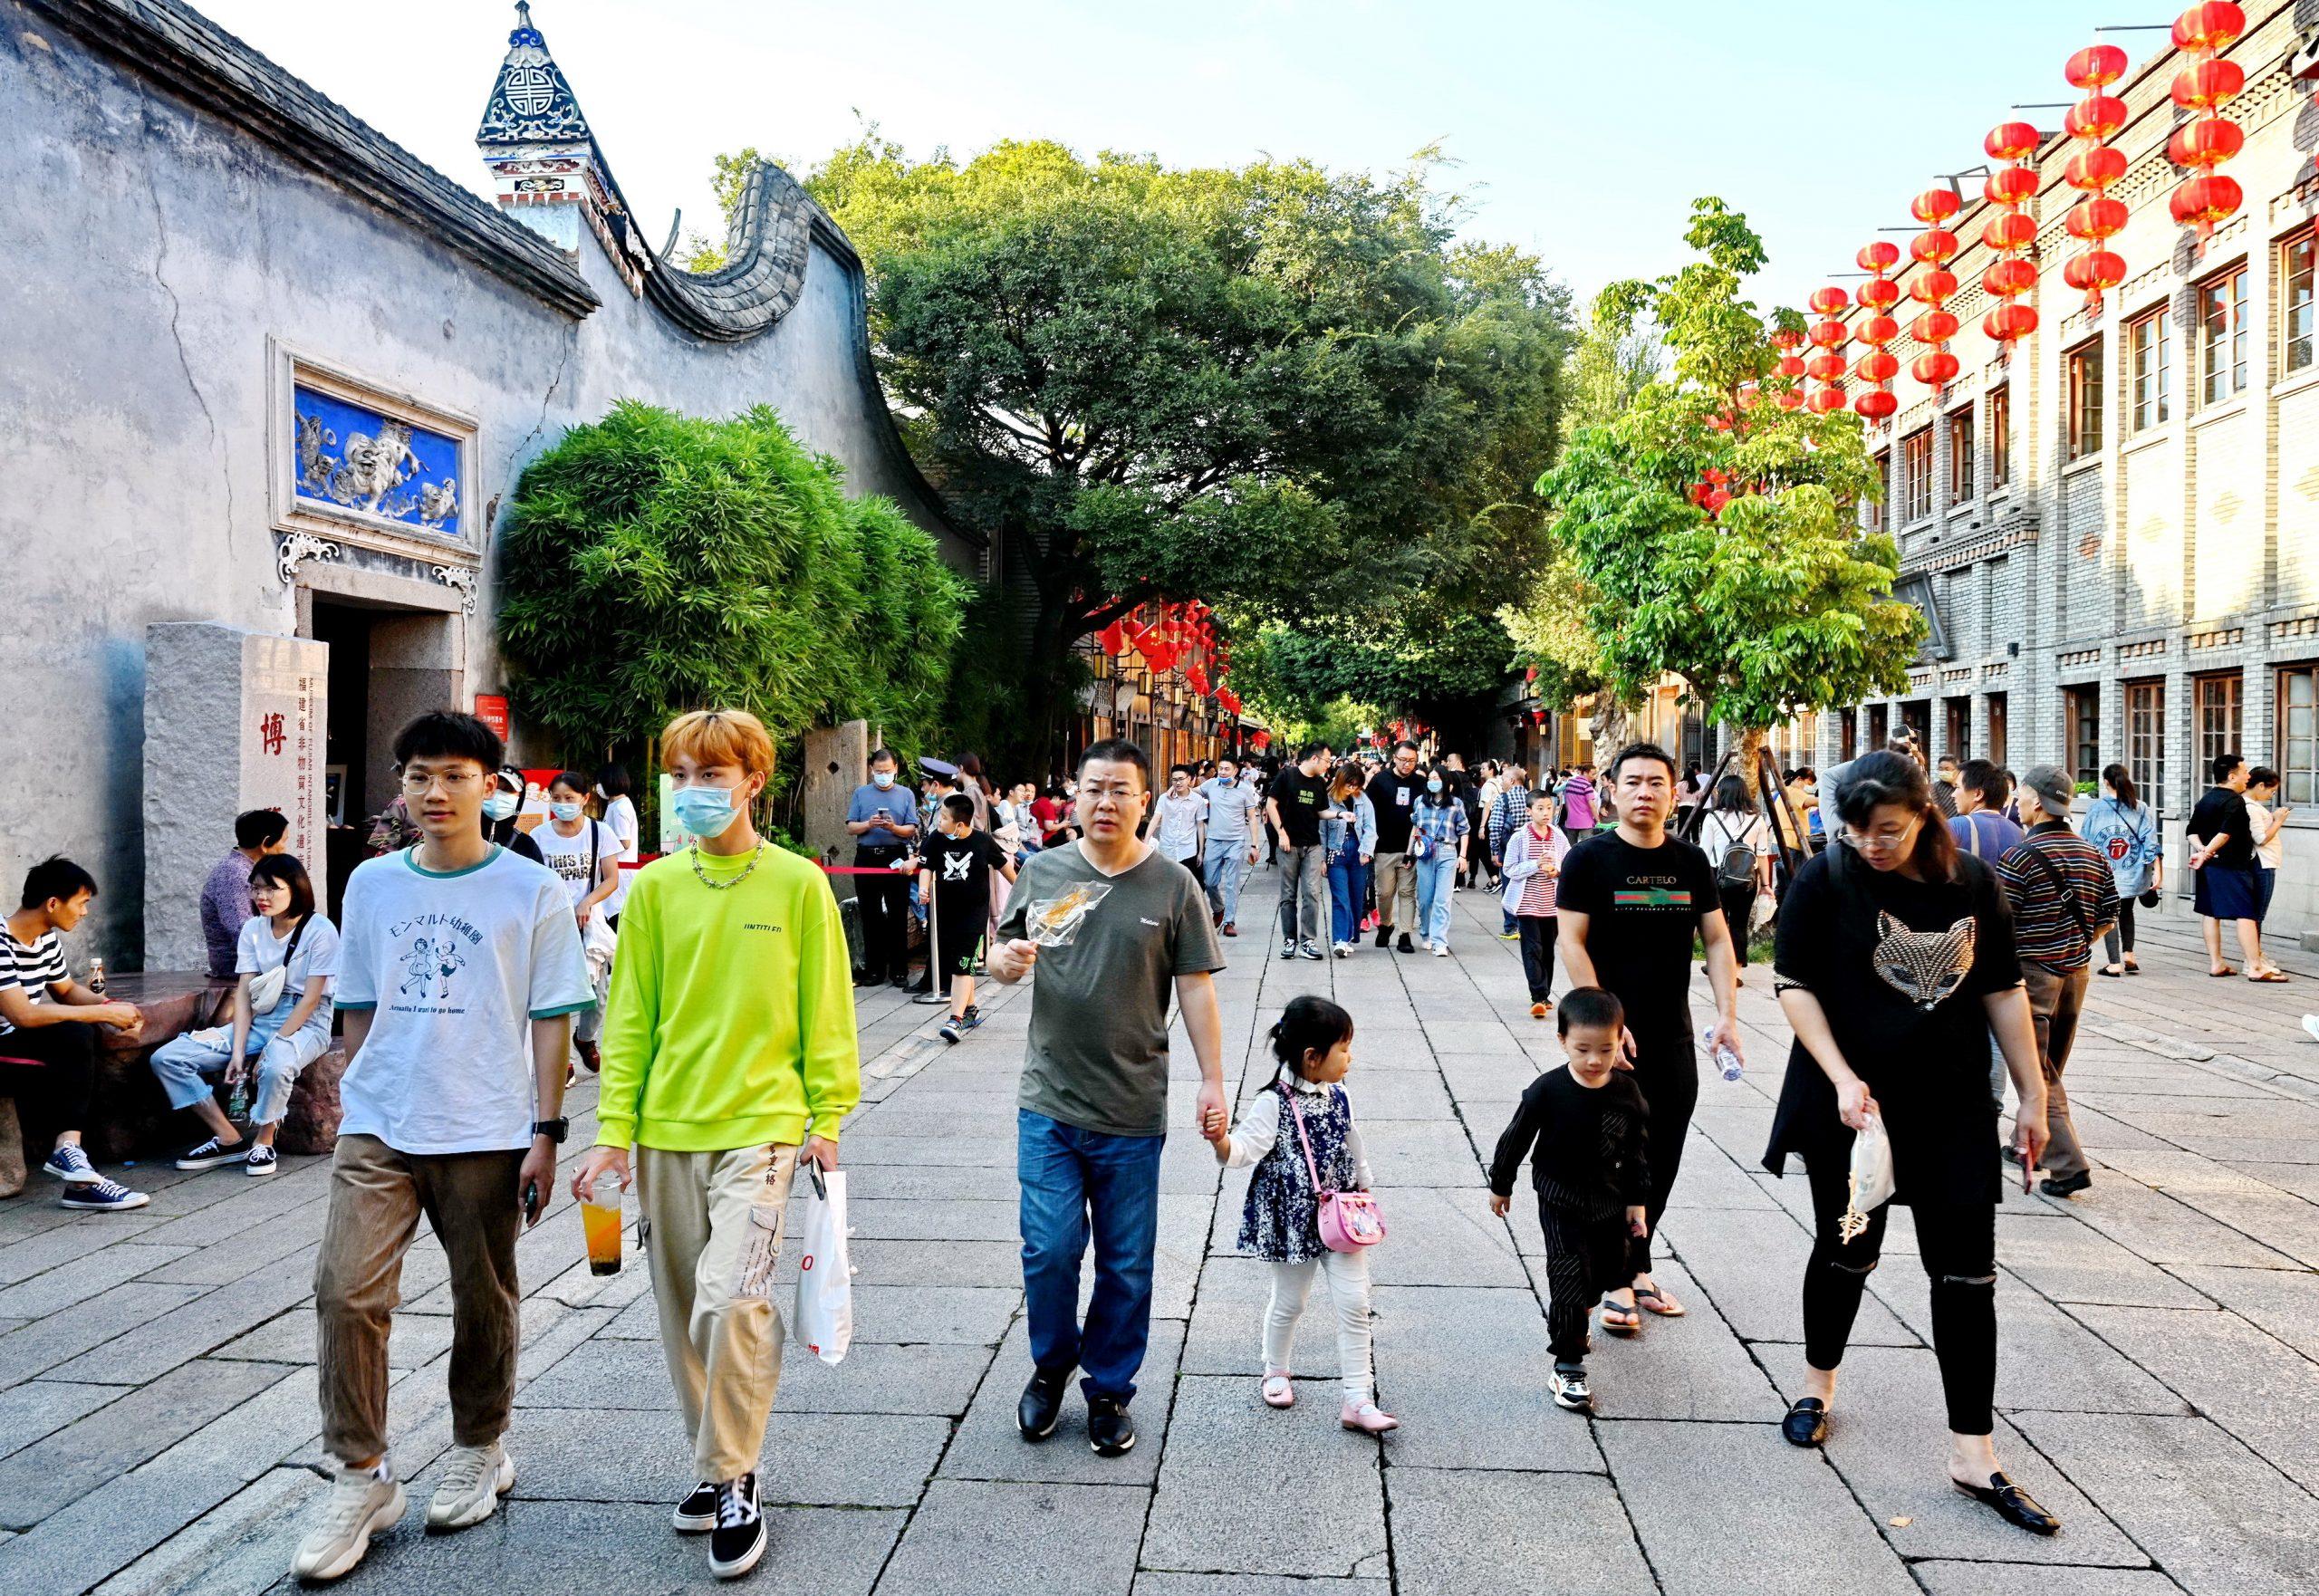 China subraya medidas contra epidemia en actividades culturales y turísticas